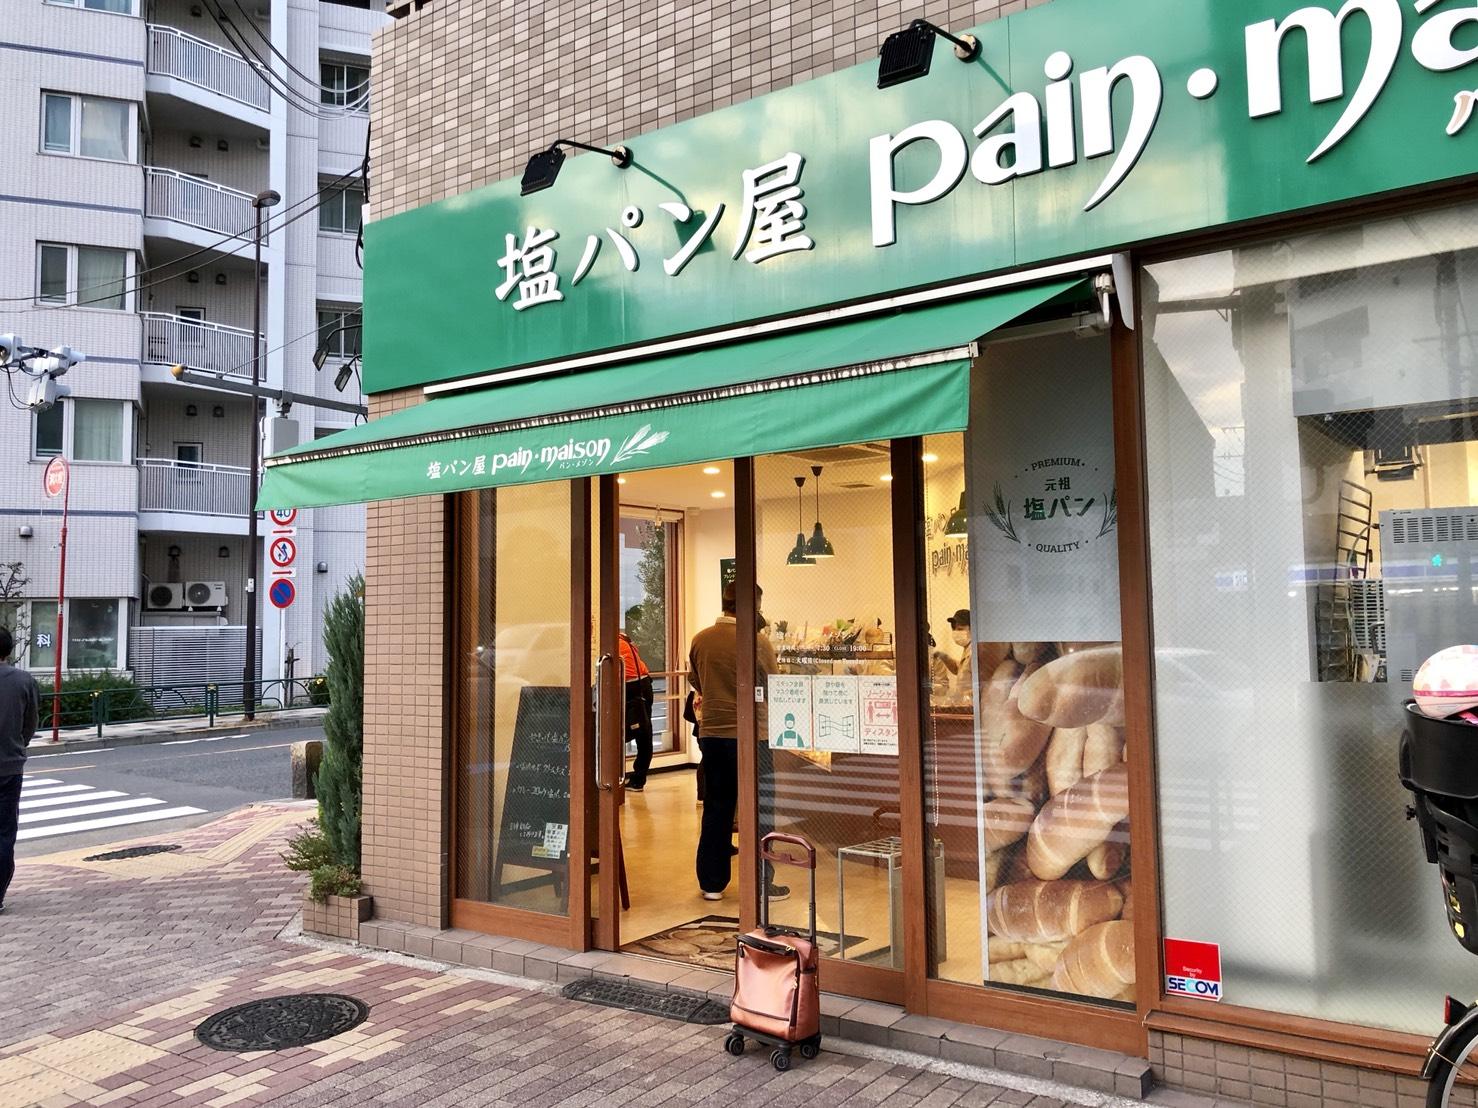 塩パン屋 パン・メゾン(東京)